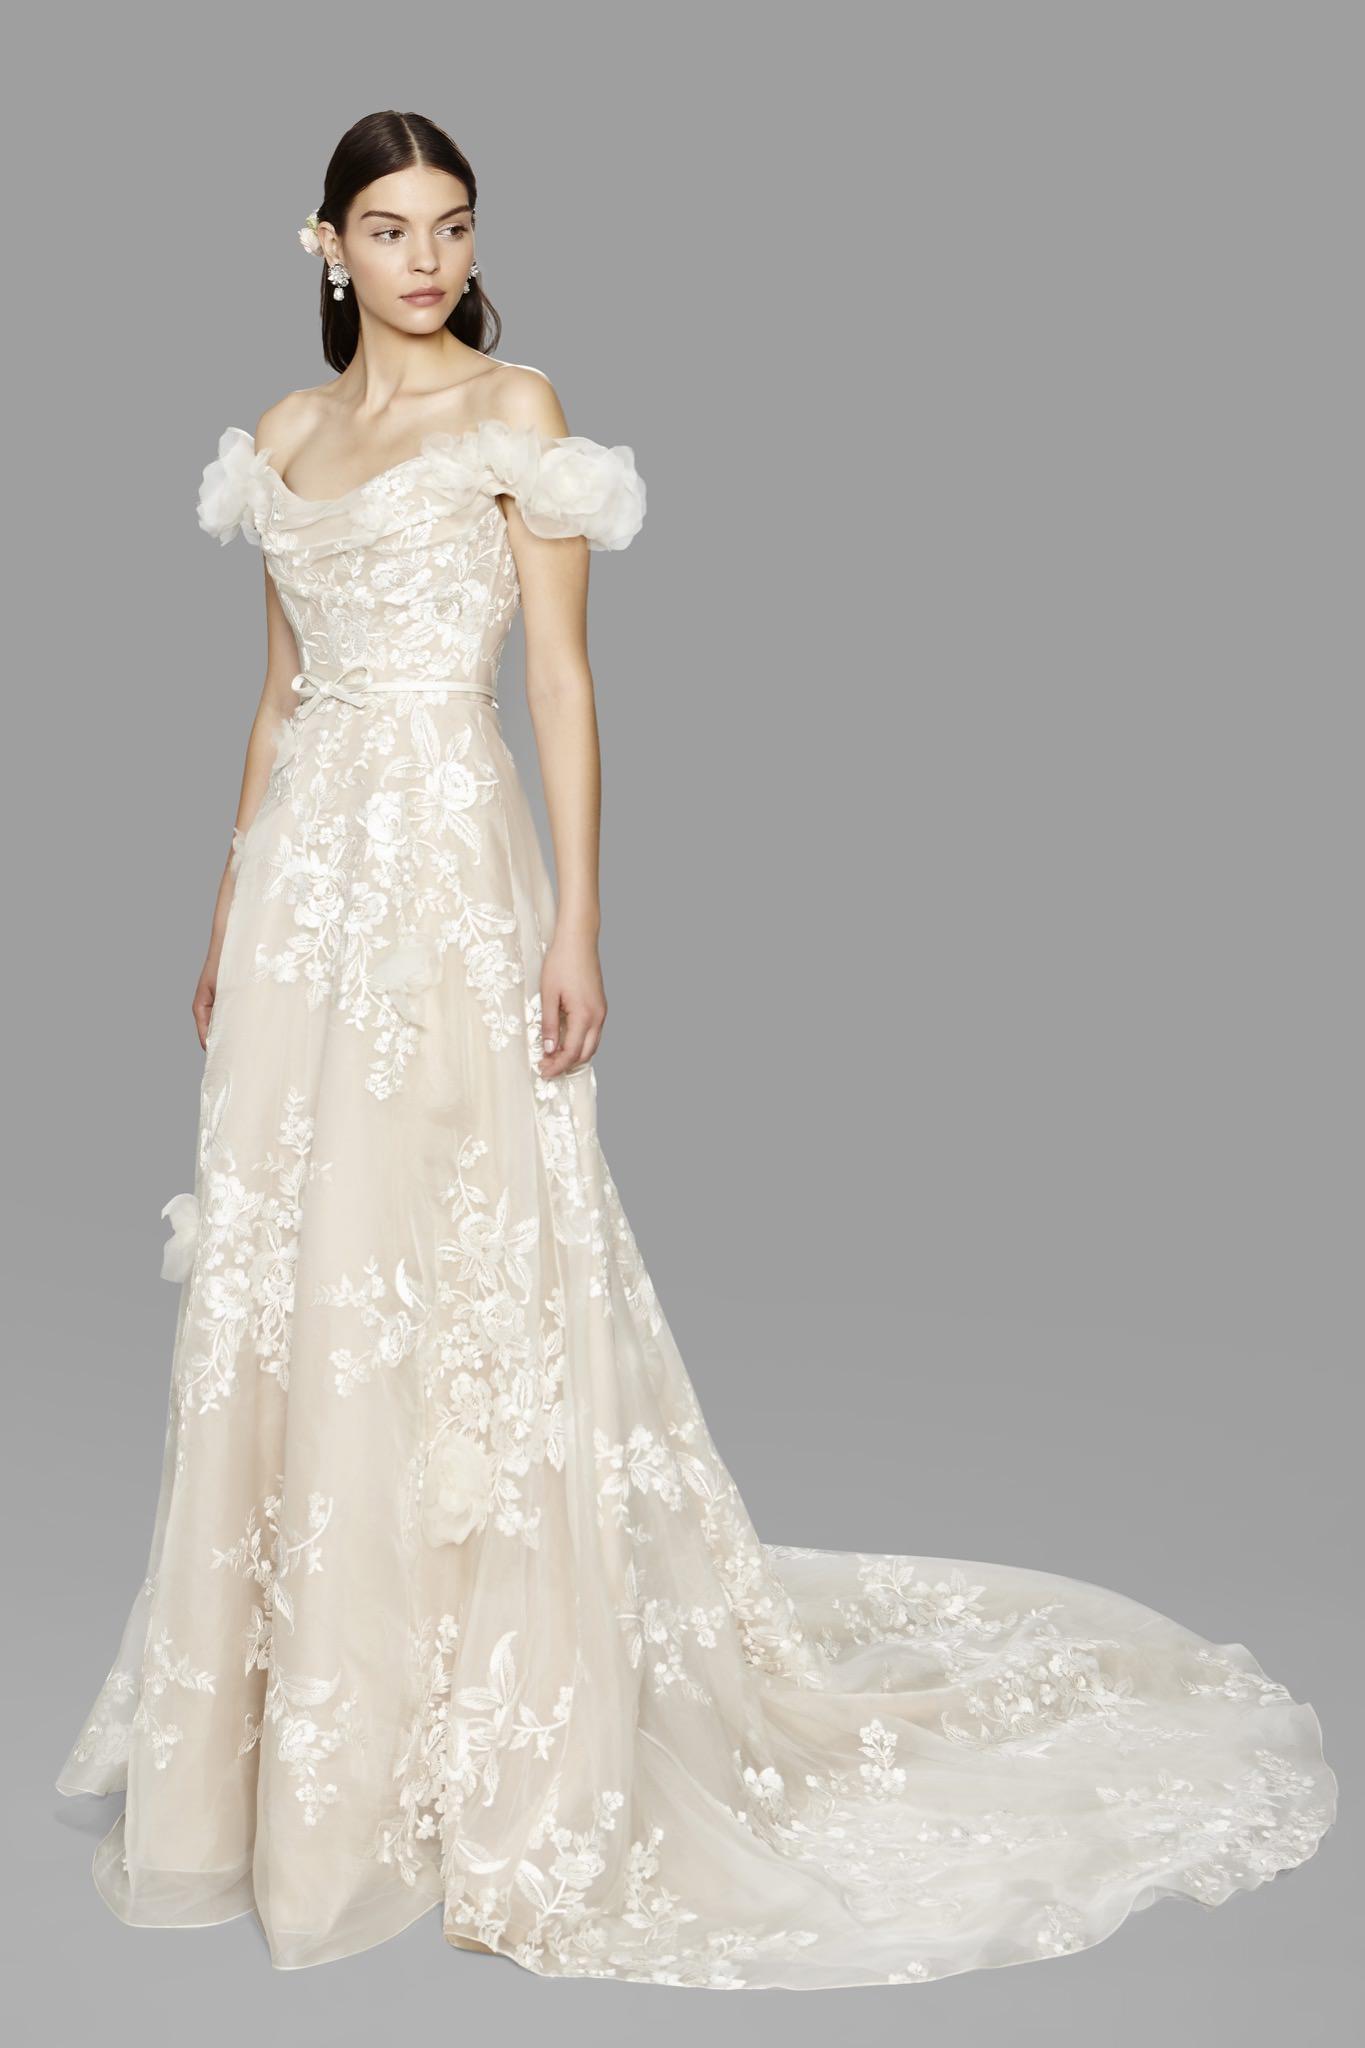 Marchesa Melrose wedding dress - Browns Bride